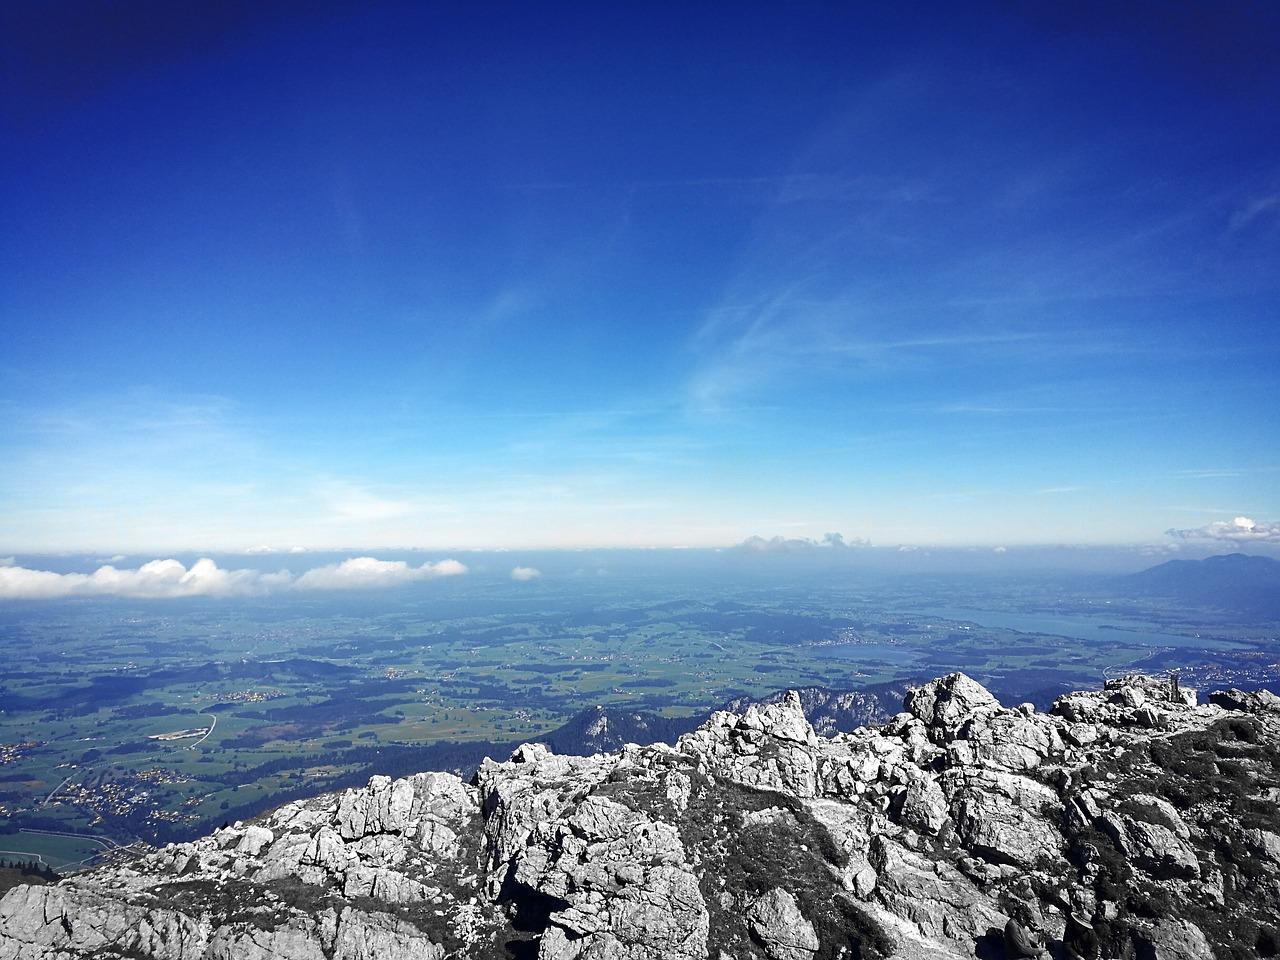 фотографии с горы небо птица